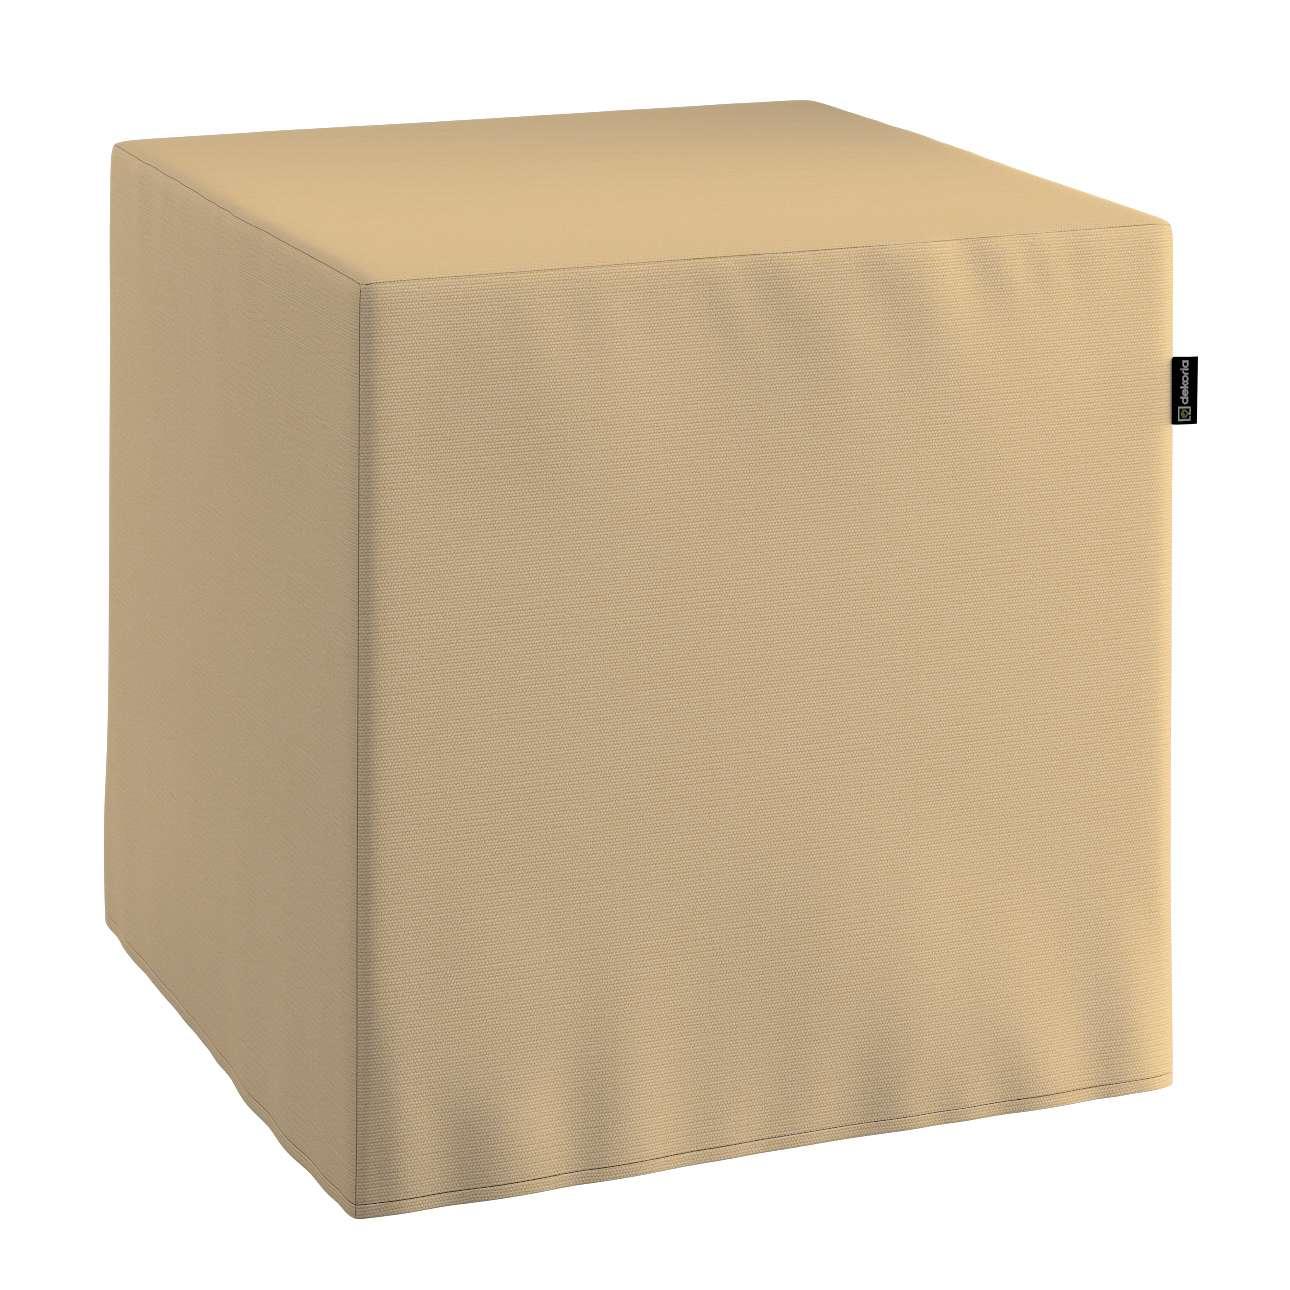 Pokrowiec na pufę kostke kostka 40x40x40 cm w kolekcji Cotton Panama, tkanina: 702-01